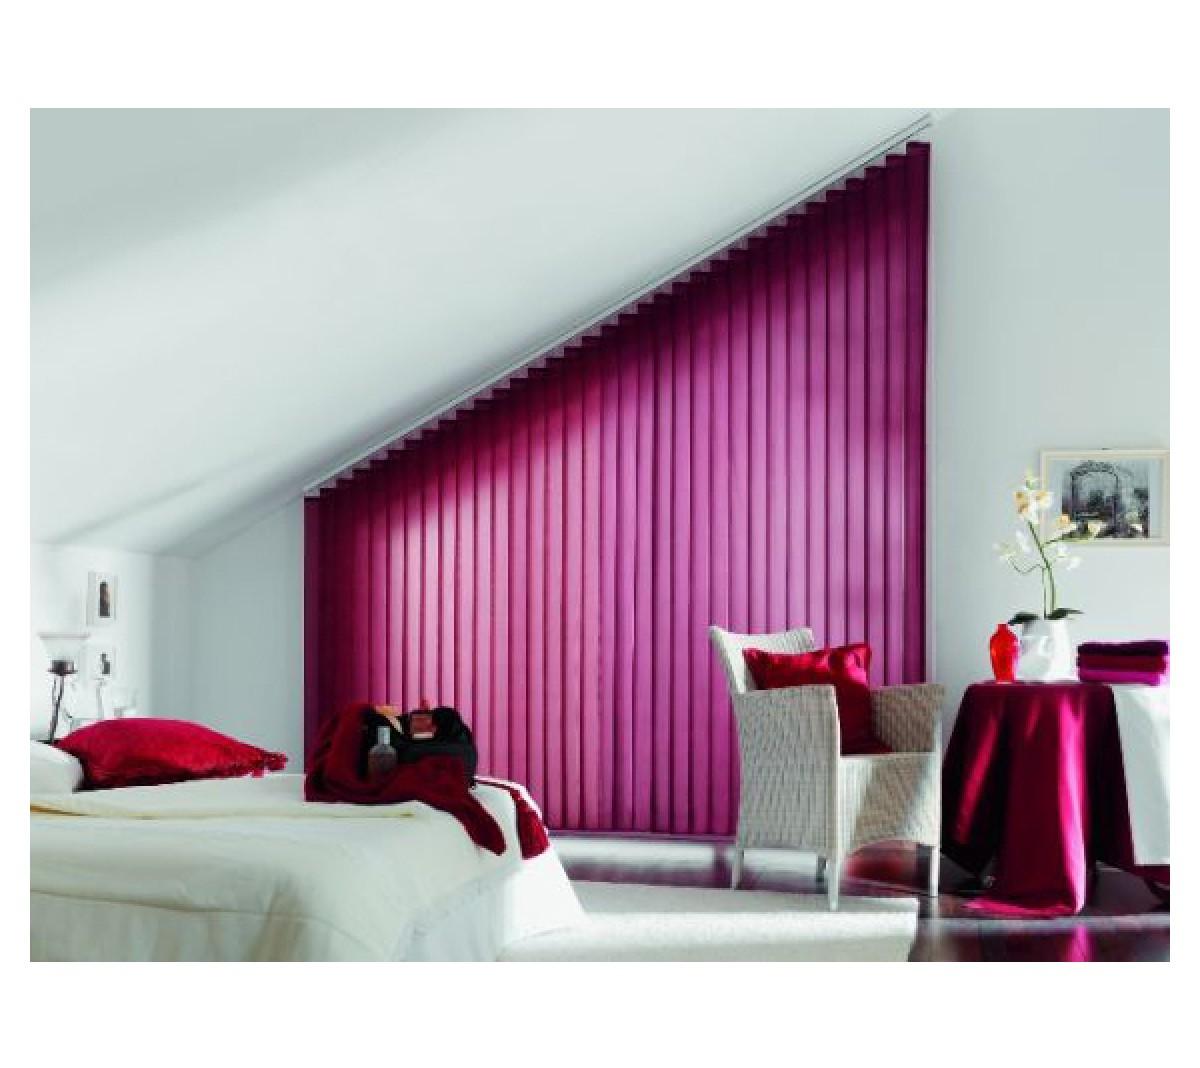 lamellenvorhang vertikal lamellen jalousie vorhang jumbo shop superg nstiger online baumarkt. Black Bedroom Furniture Sets. Home Design Ideas